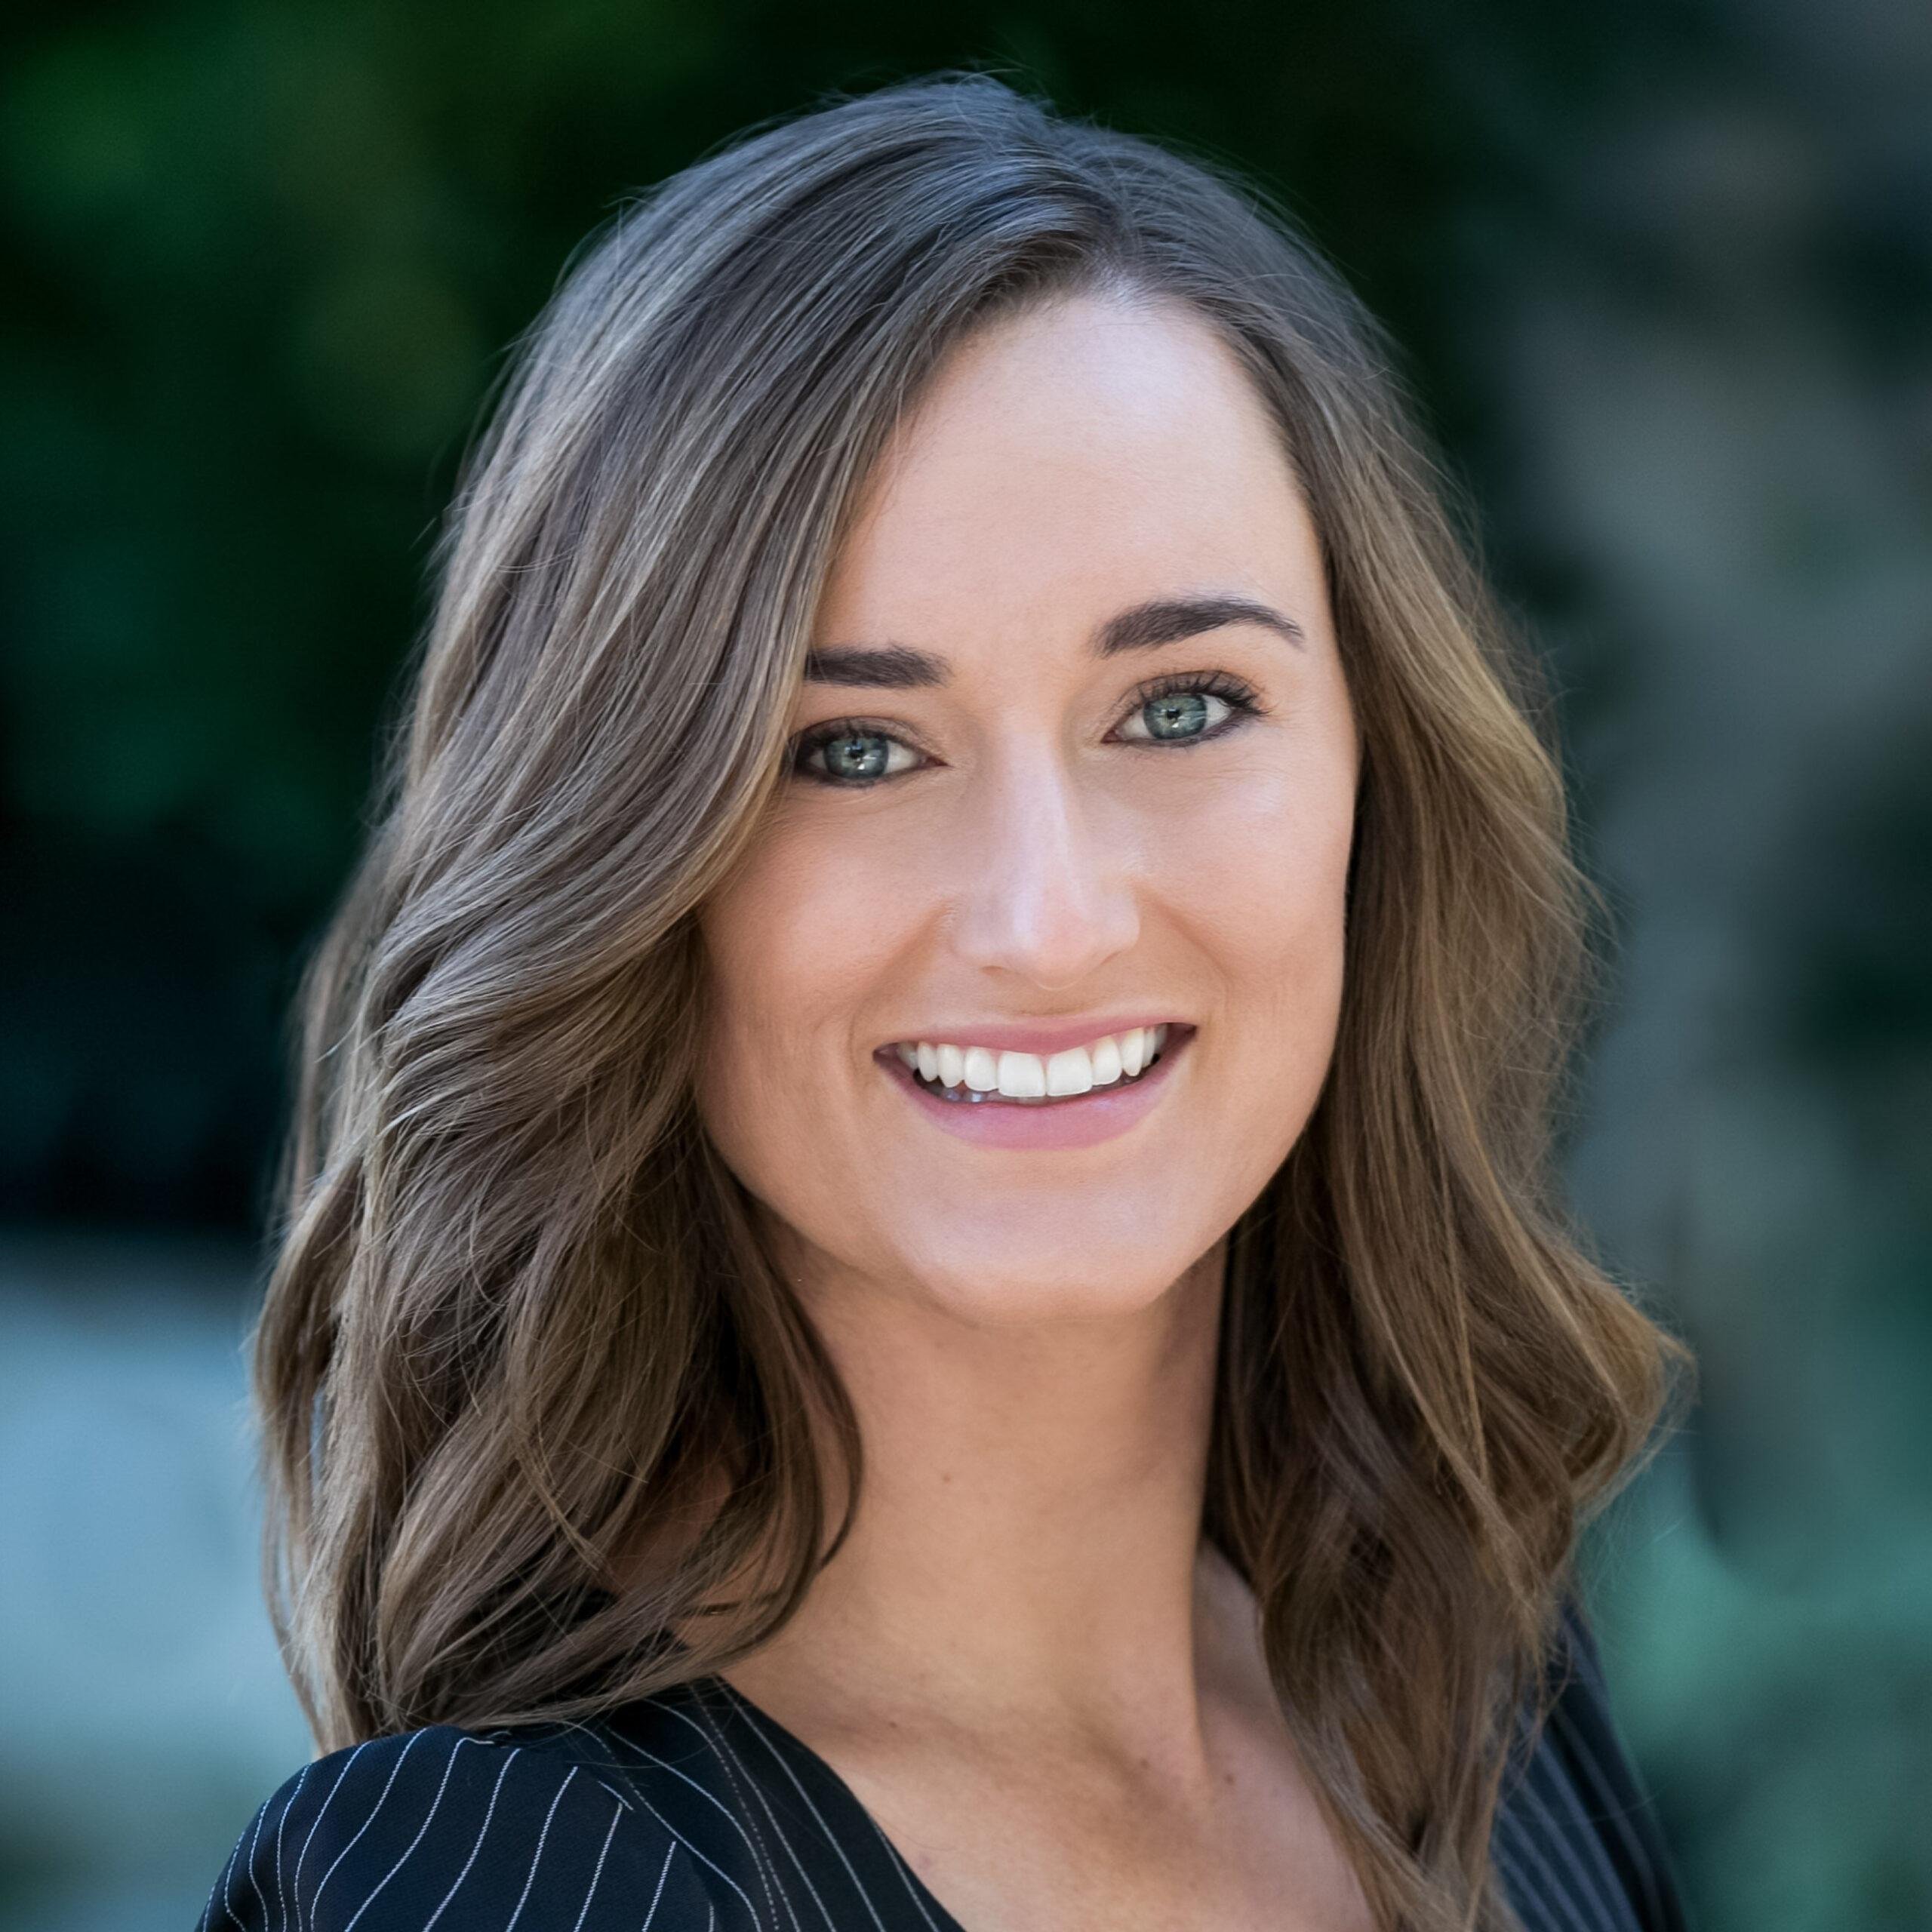 Megan Selesky